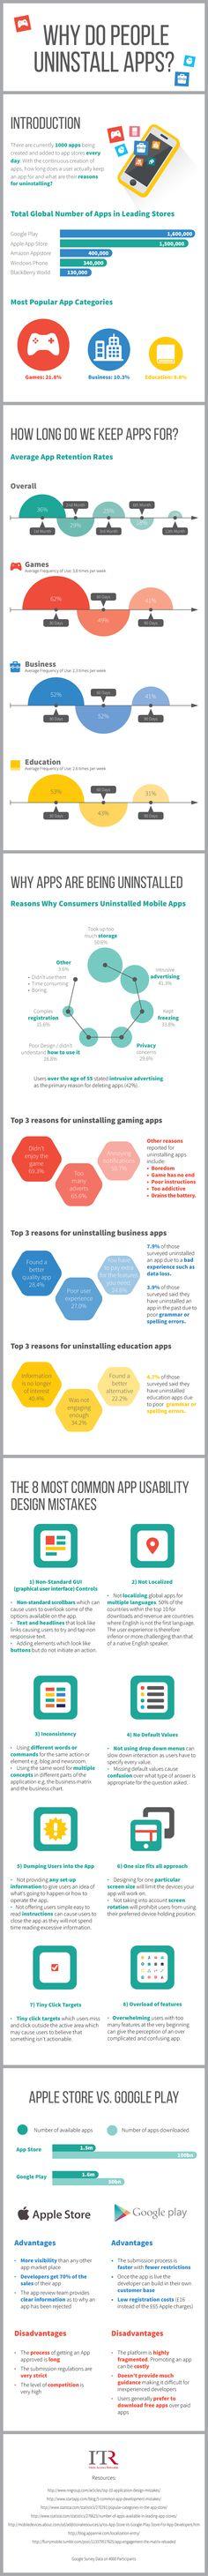 Why do people uninstall #apps // Las razones por las que los usuarios desinstalan las aplicaciones móviles.